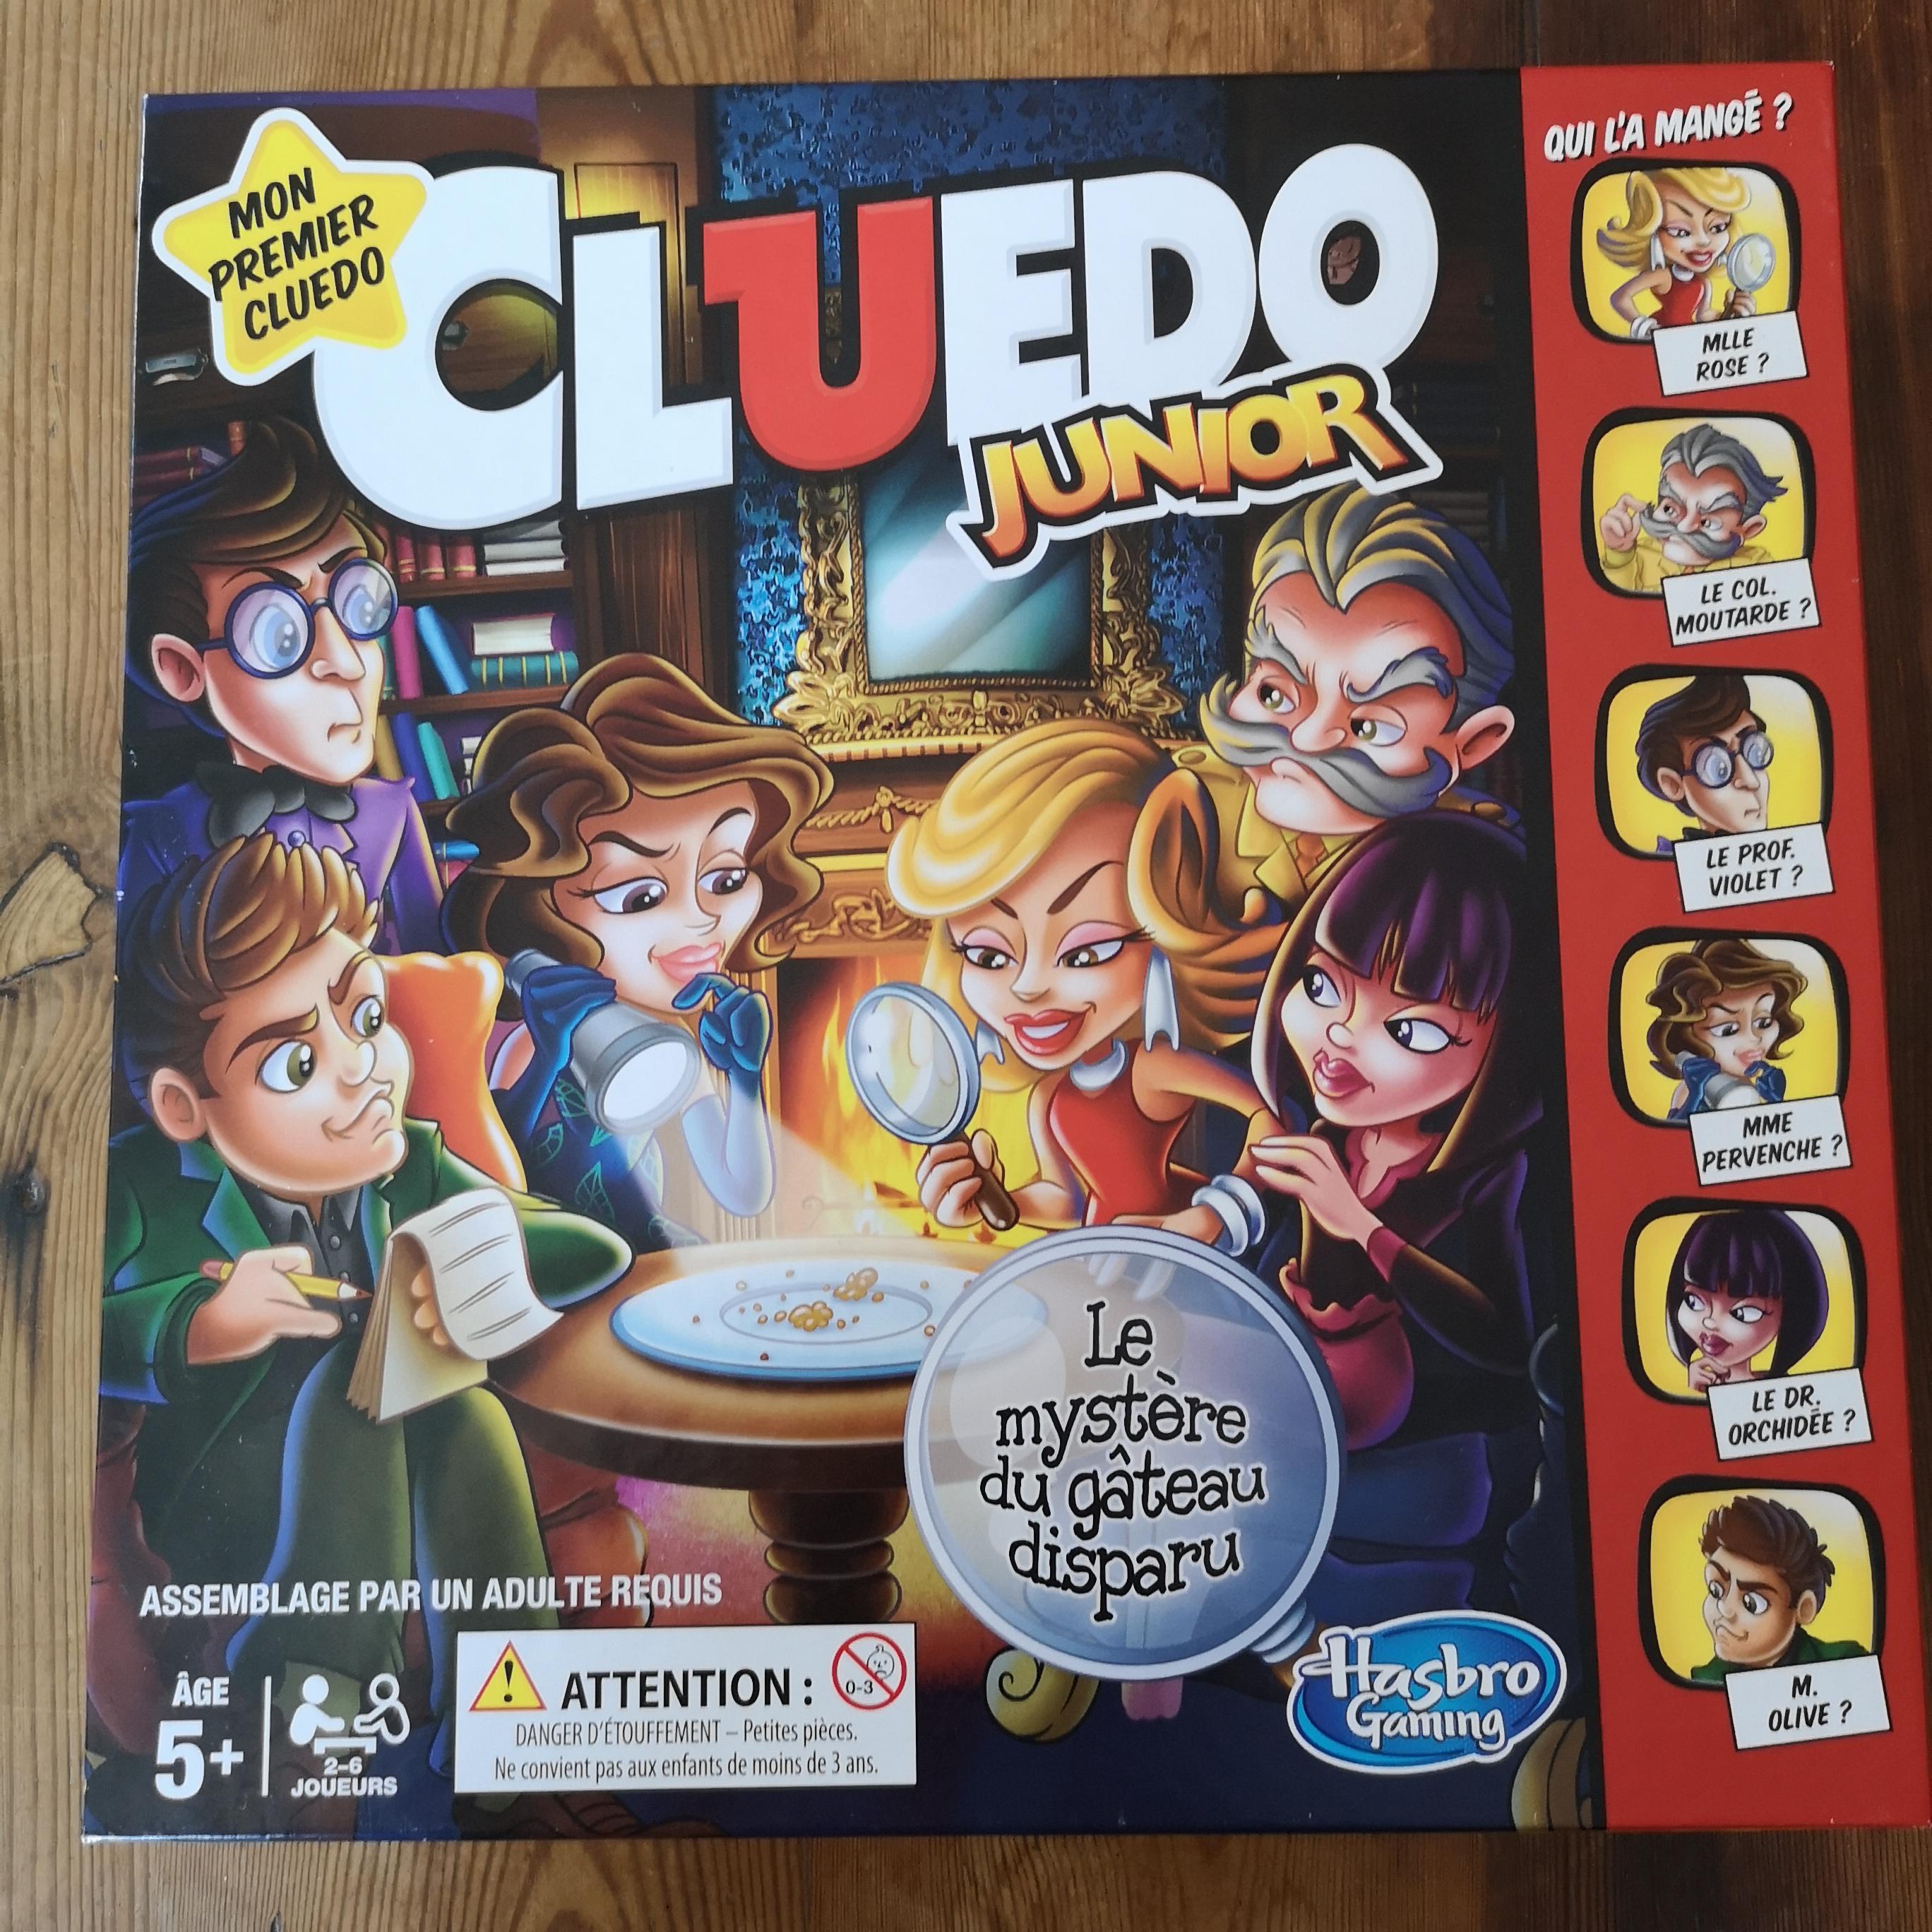 Cluedo Junior - Mon premier Cluedo - Le mystère du gâteau disparu